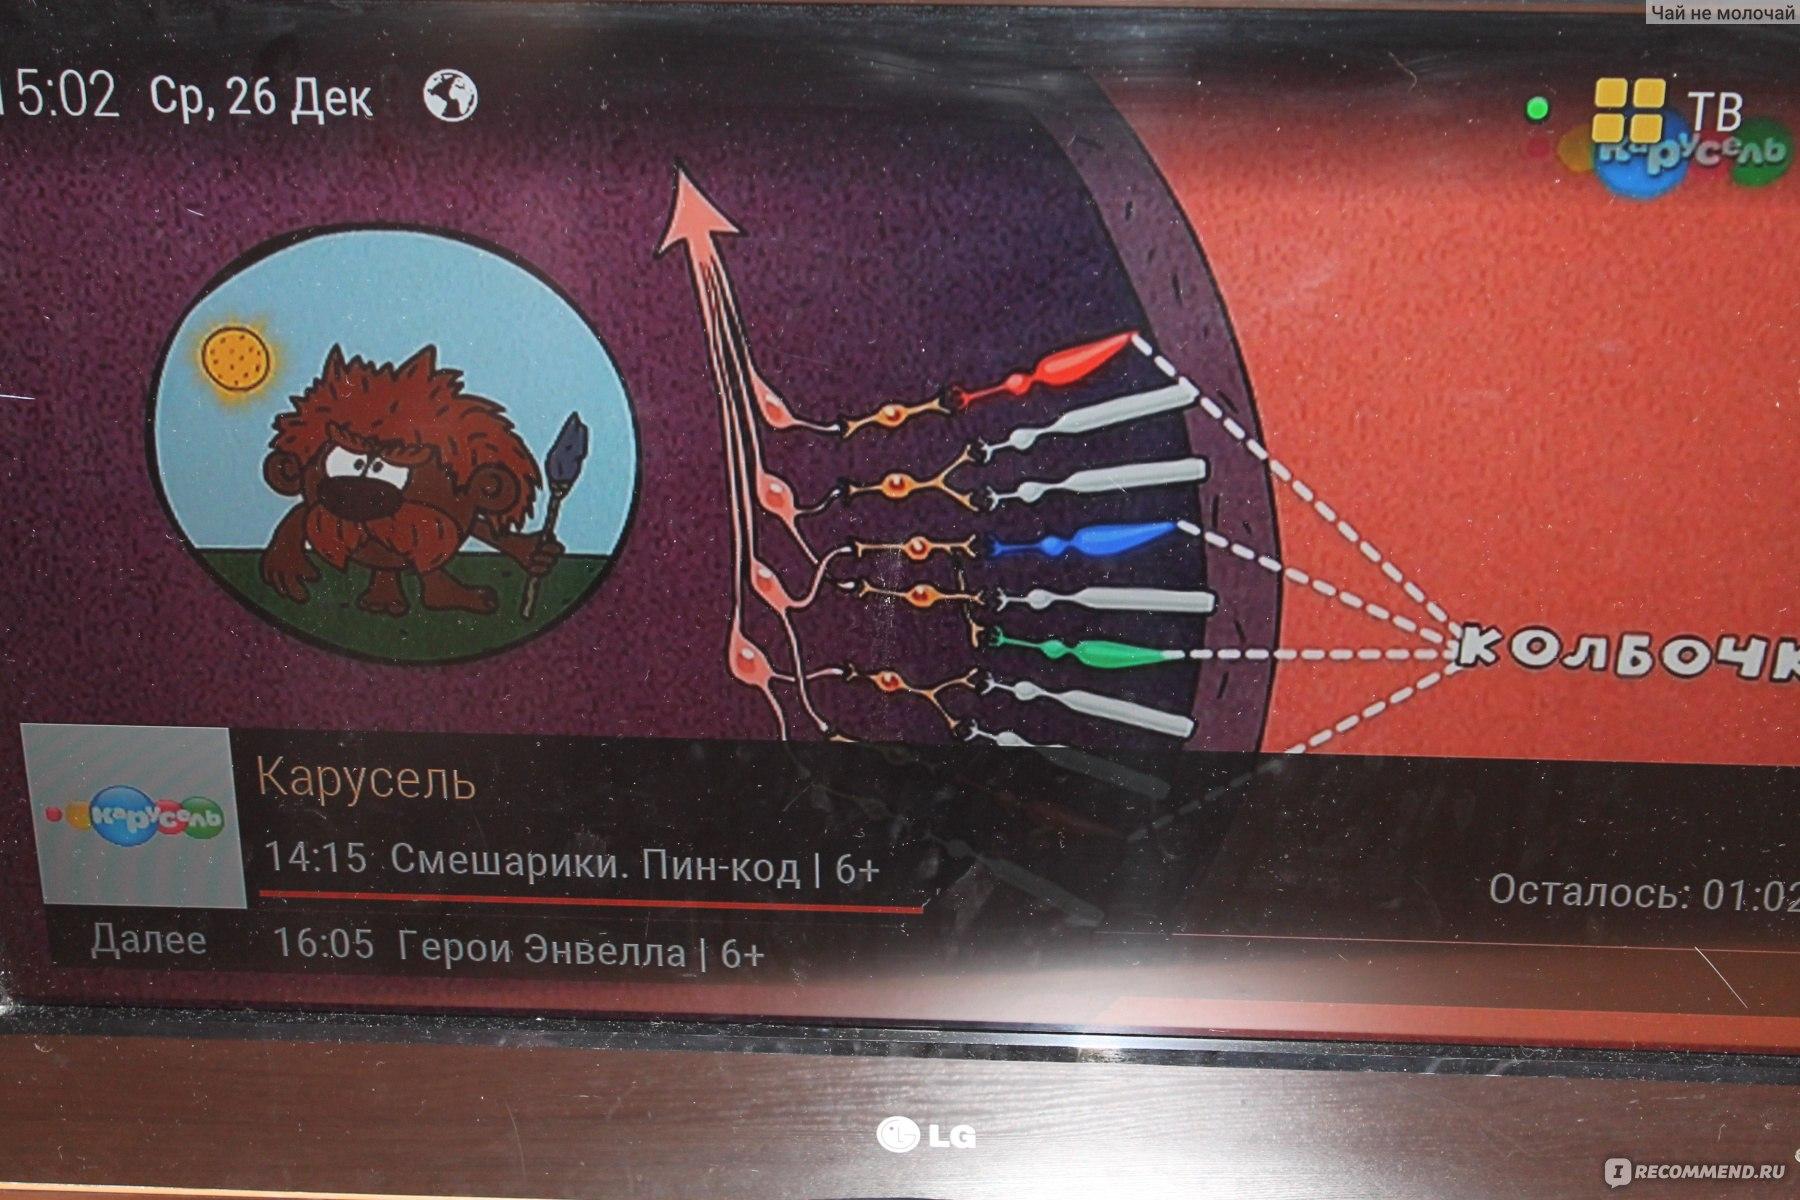 Триколор схема подключения 2 телевизора к одному ресиверу триколор